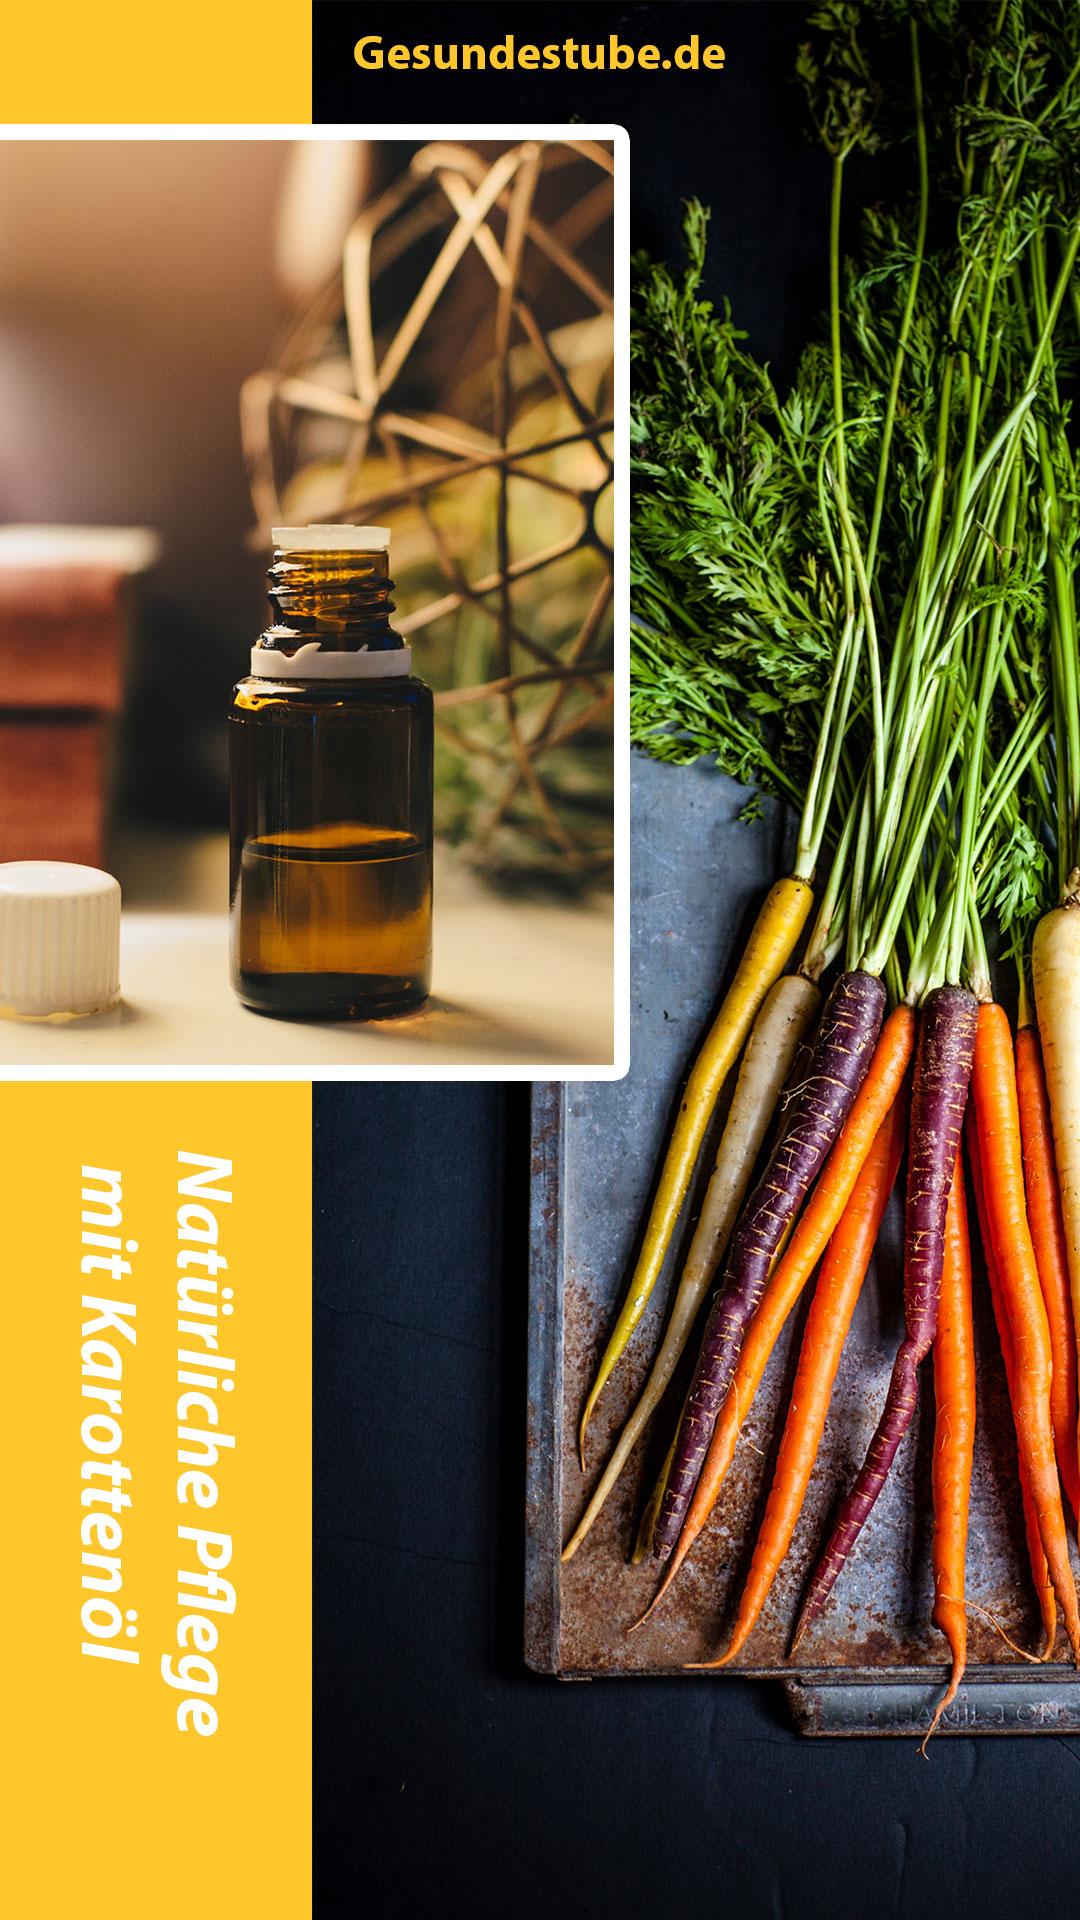 Karottenöl natürliches Pflegeprodukt